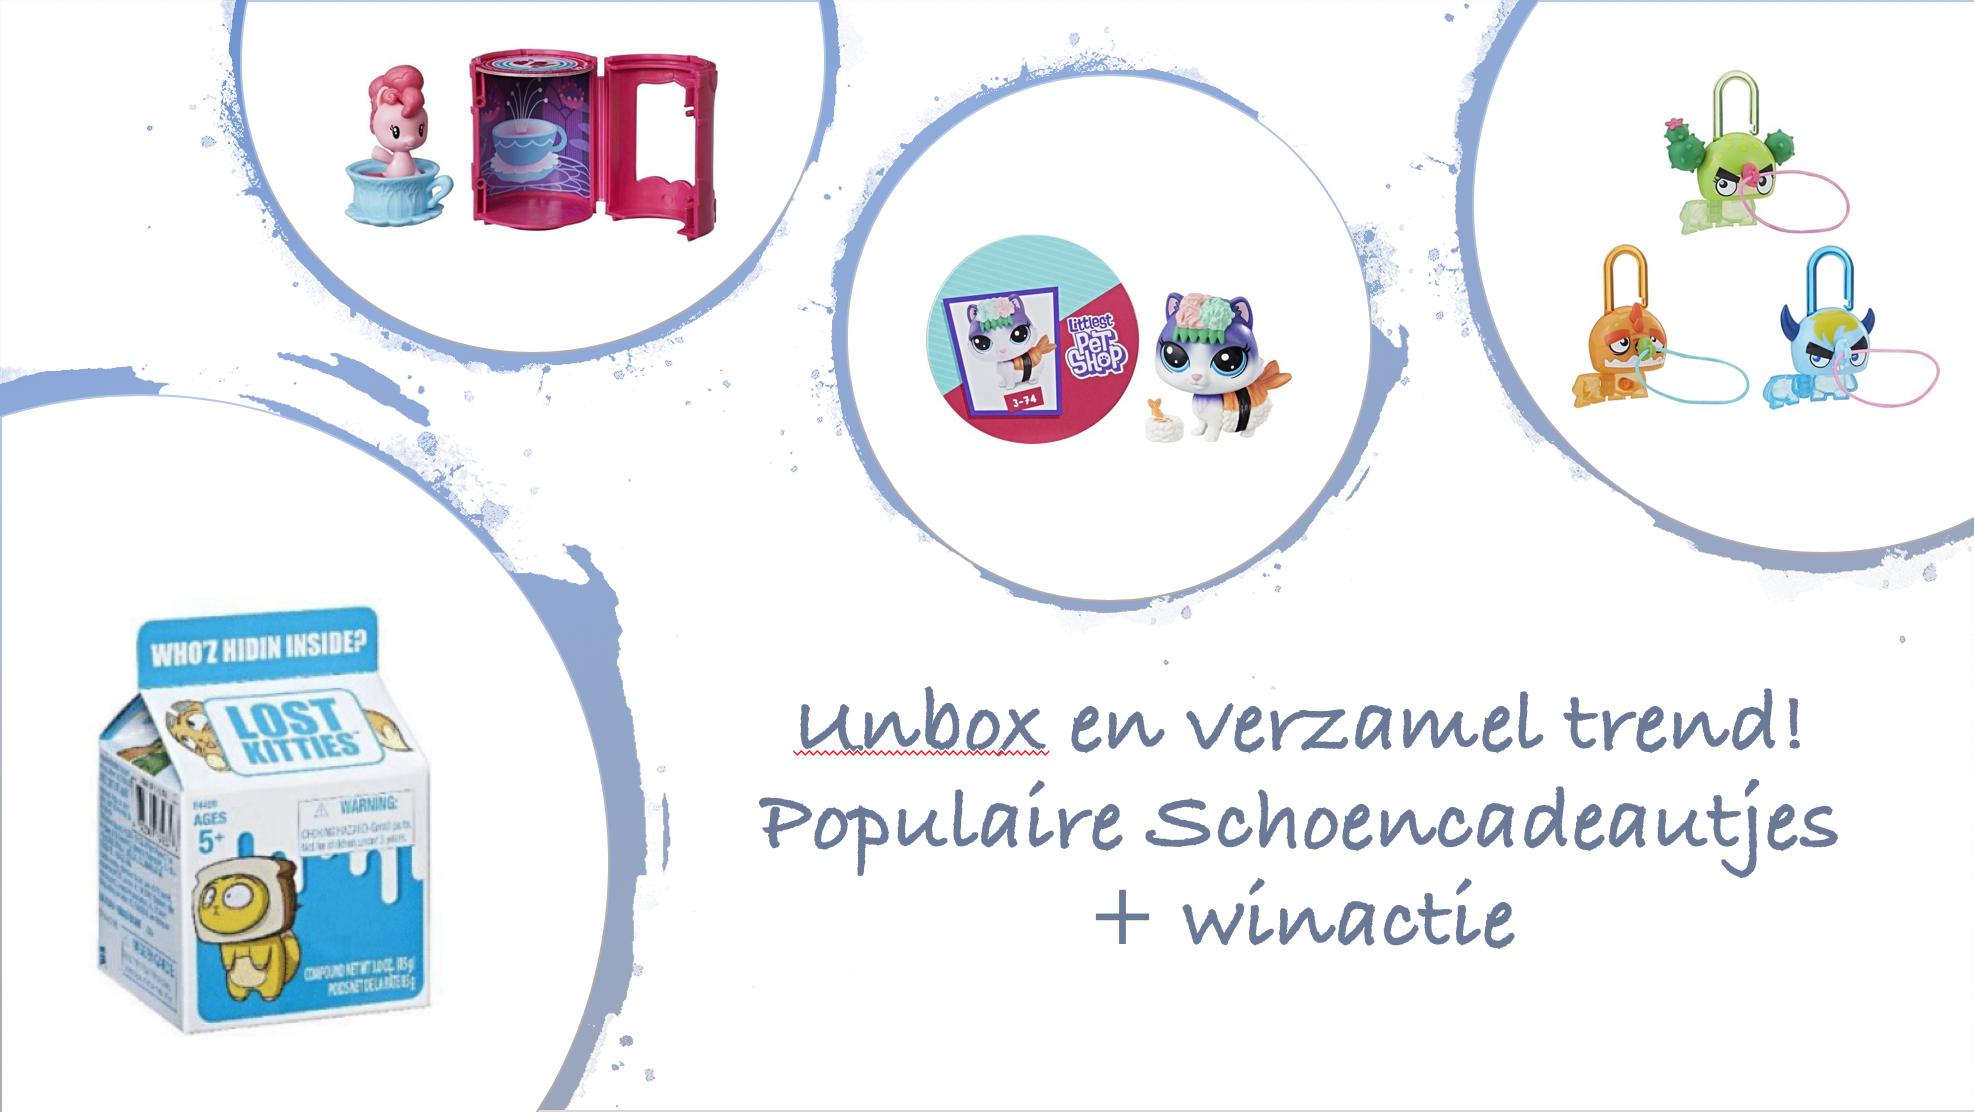 Unbox en verzamel doosjes - populaire Schoencadeautjes+ winactie